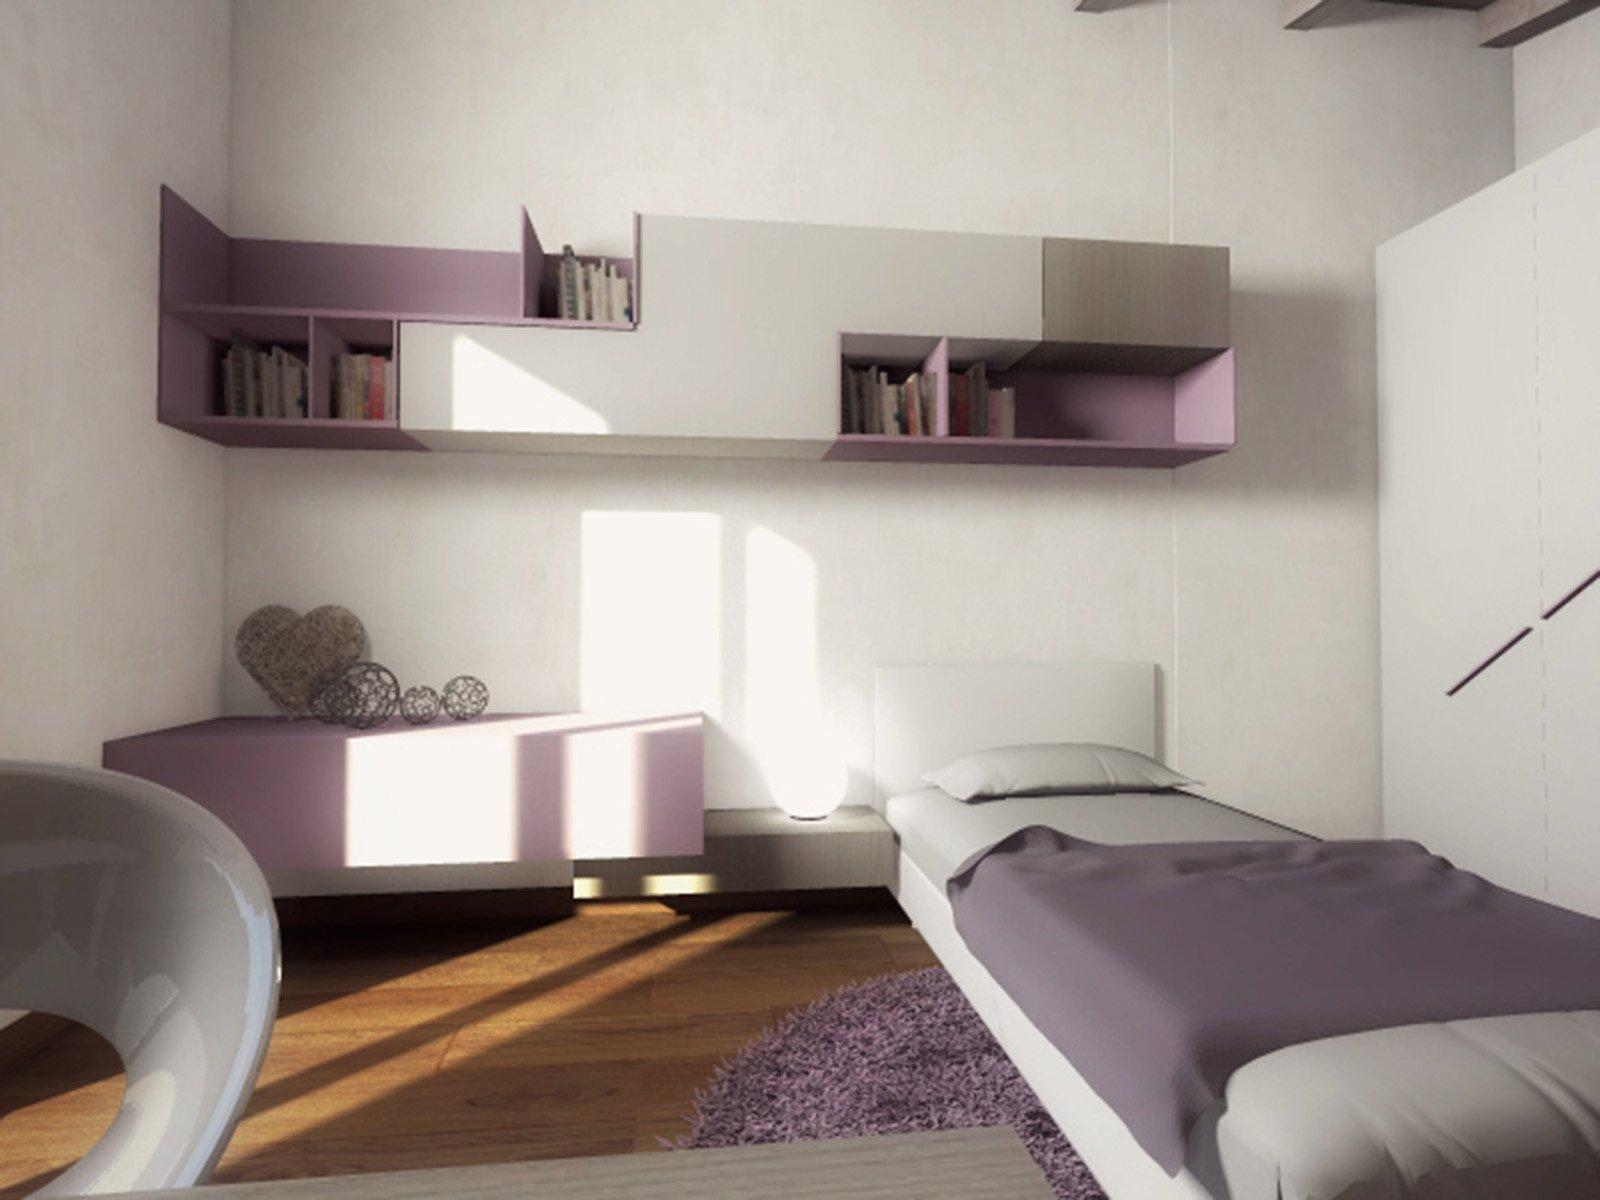 Mansarda una casa sottotetto luminosa e contemporanea for Costo arredare casa